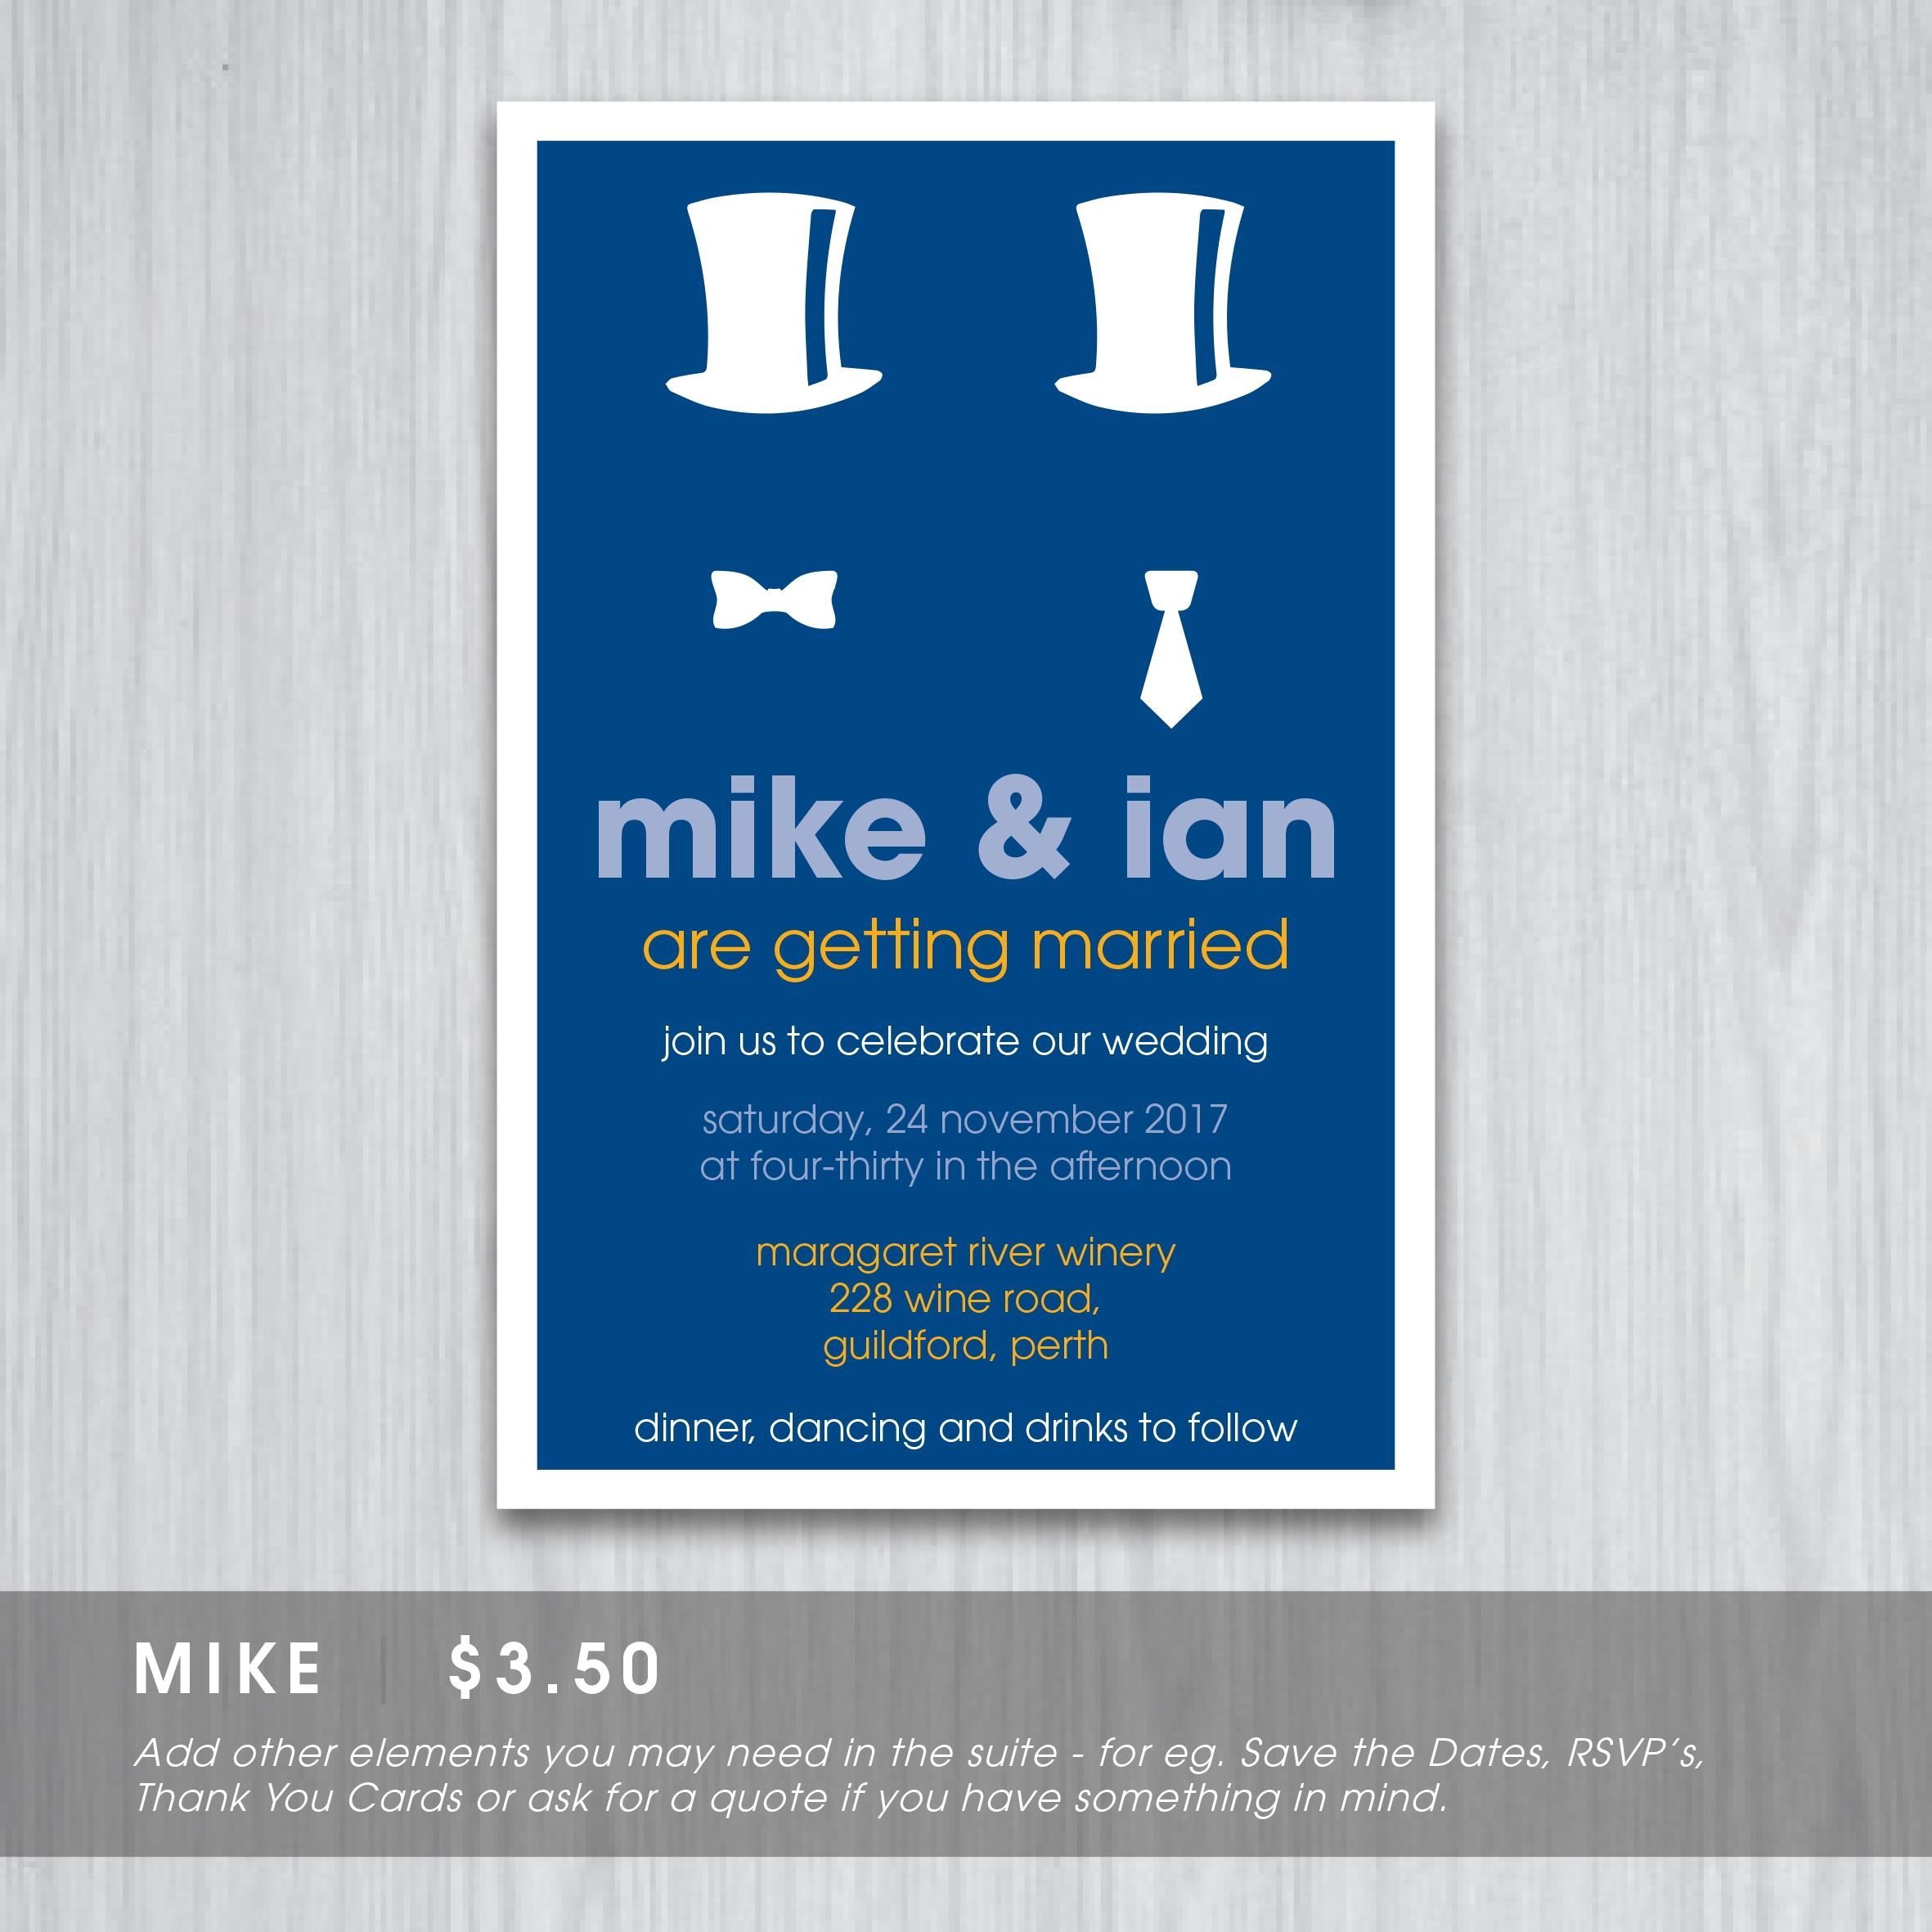 Wedding-Invites-Webpage-layout-1